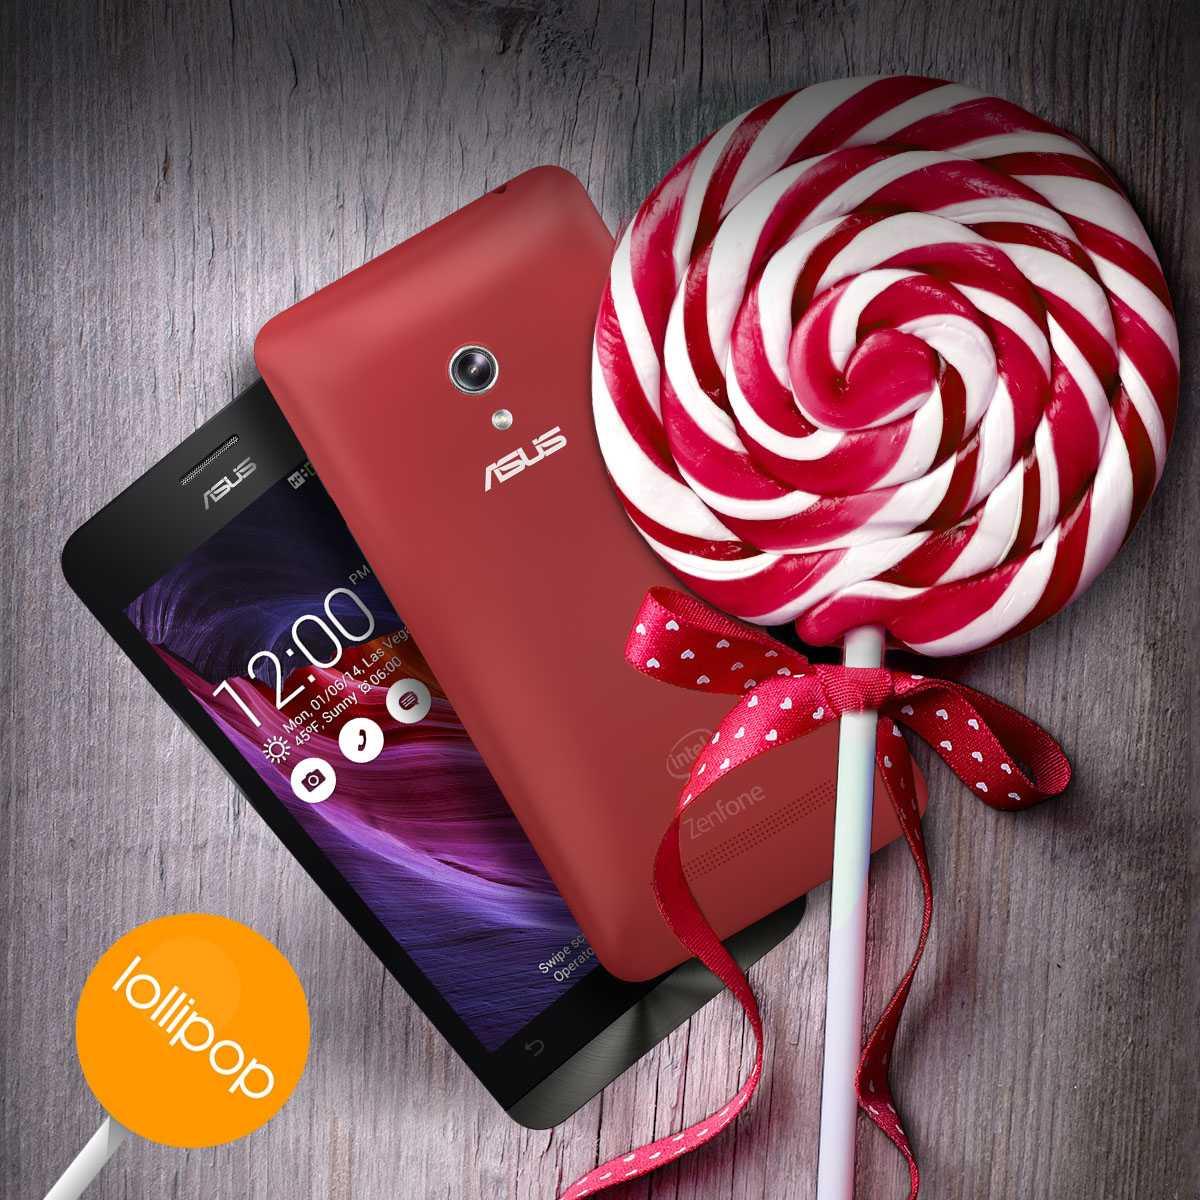 Asus Akıllı Telefonlara Android 5.0 Lollipop Güncellemesi Geldi!